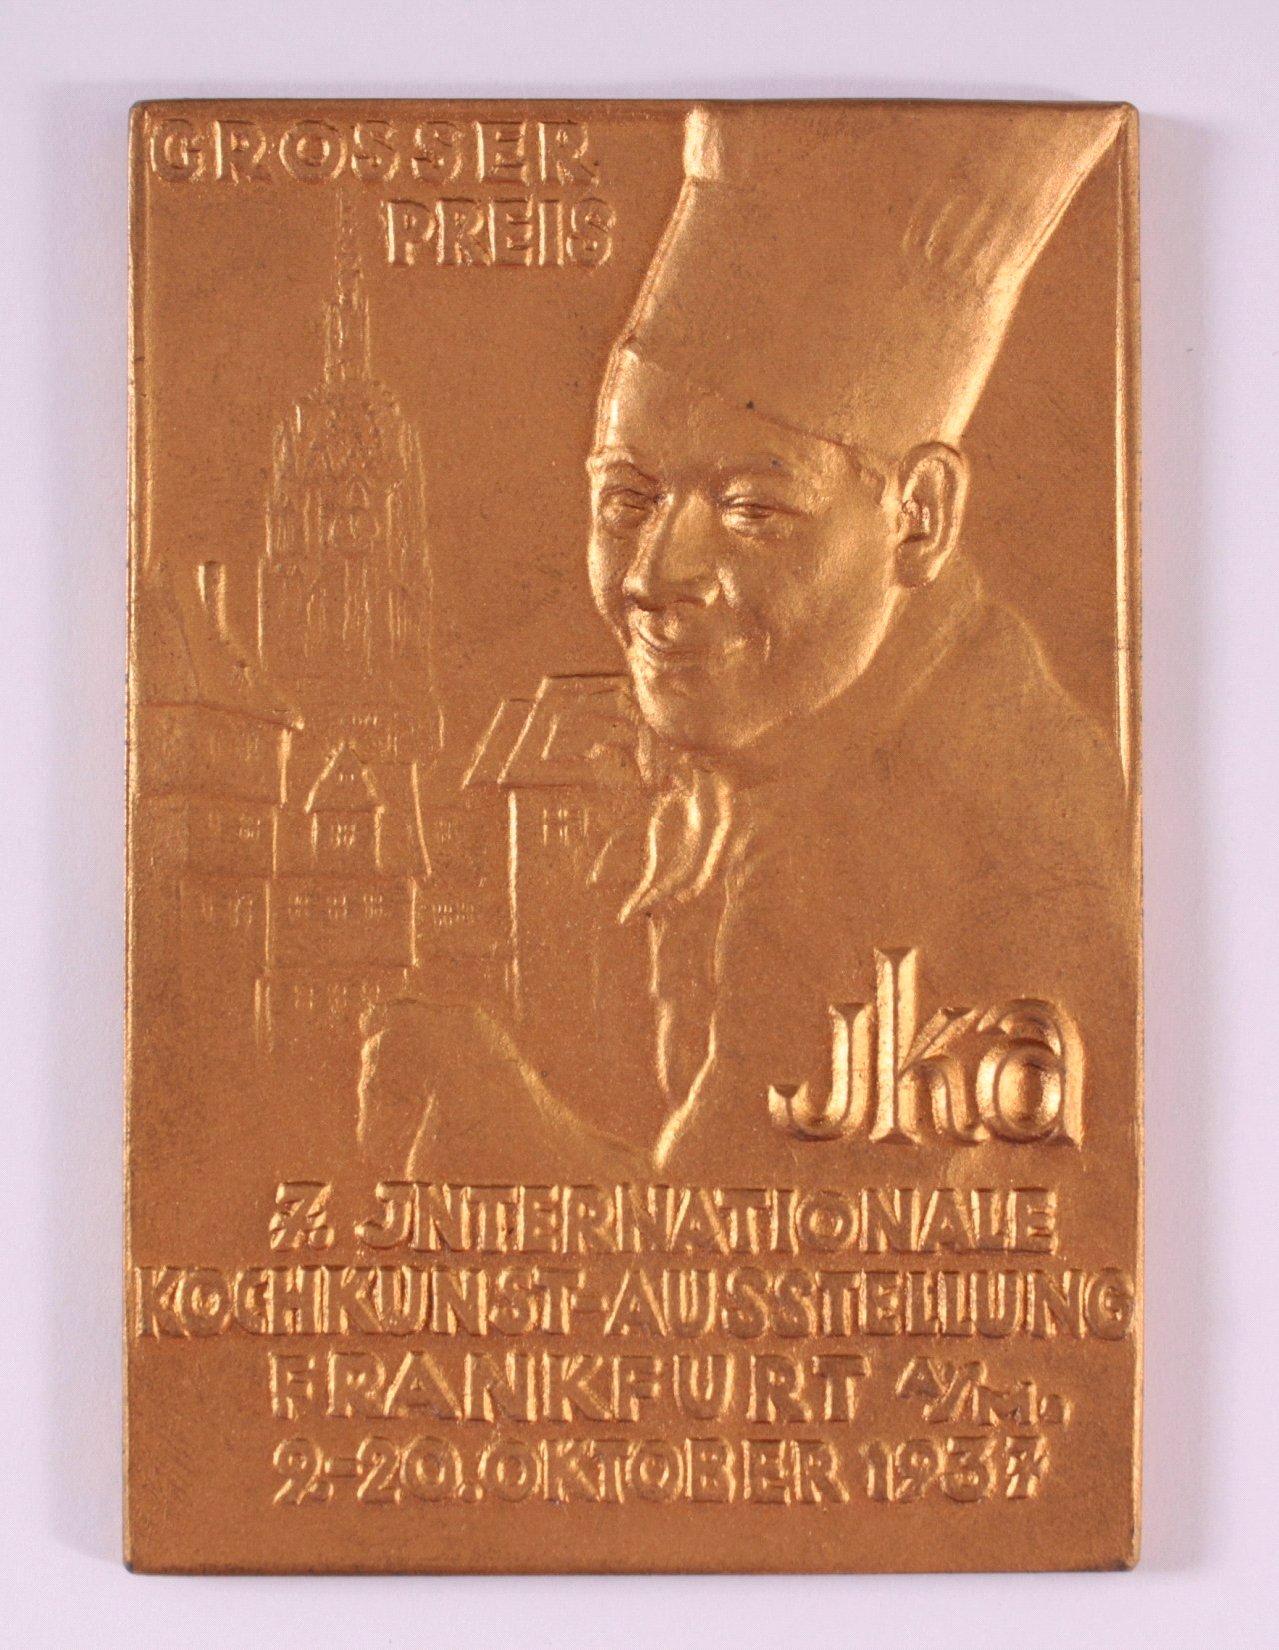 Vergoldete Plakette, Großer Preis IKA 1937